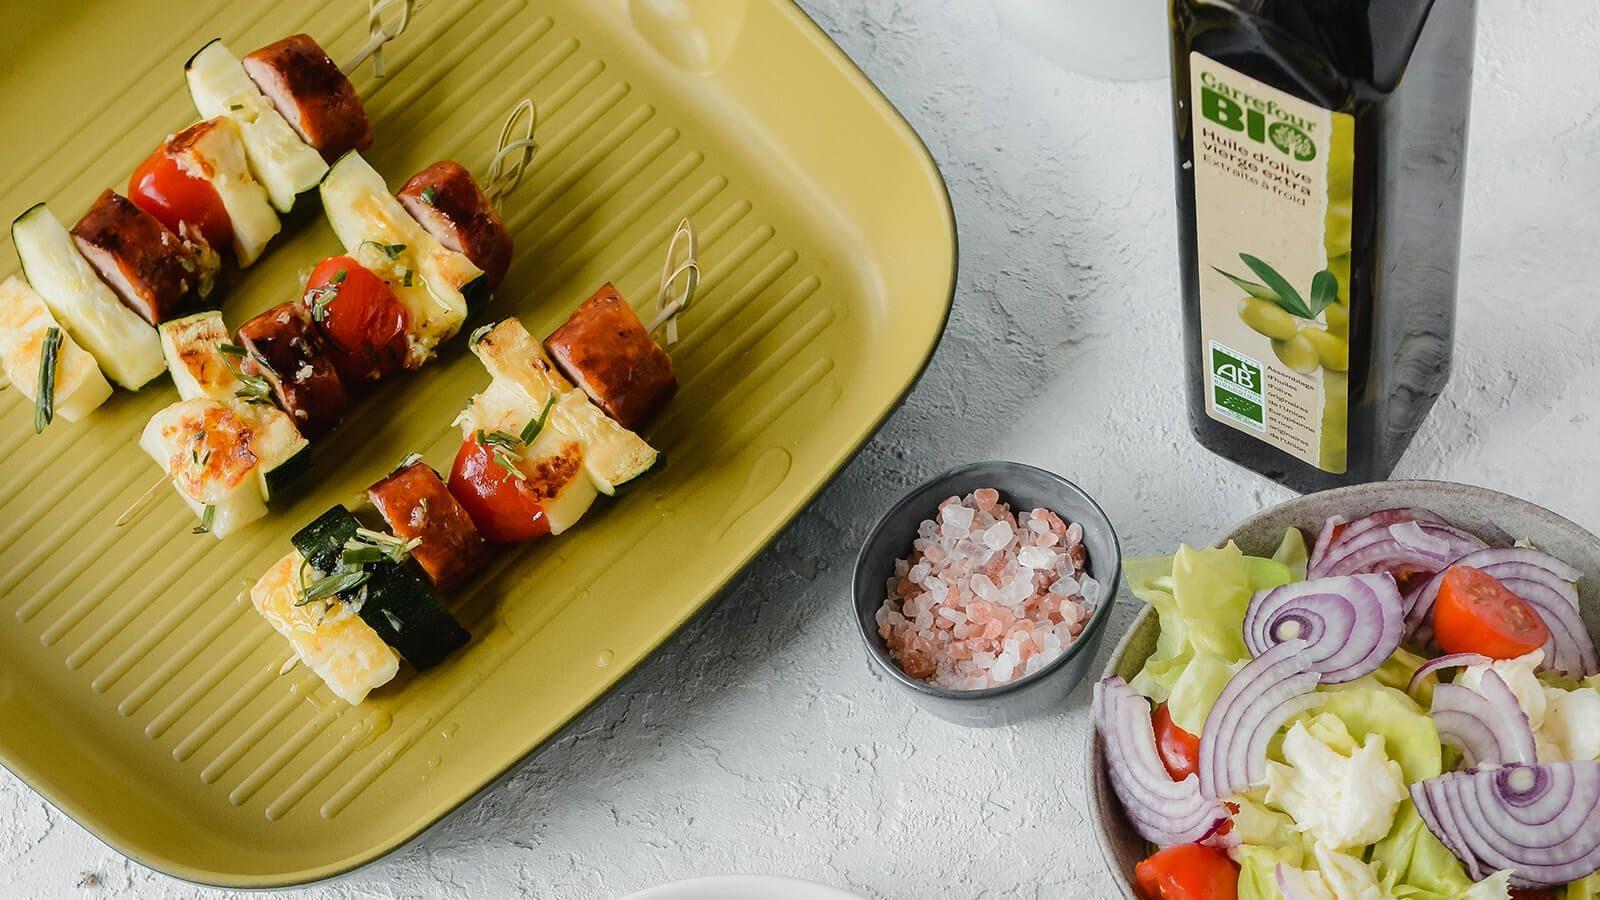 Grillowane szaszłyki z kiełbasy z serem halloumi, pomidorkami koktajlowymi i cukinią, podane z sałatką ze świeżych warzyw